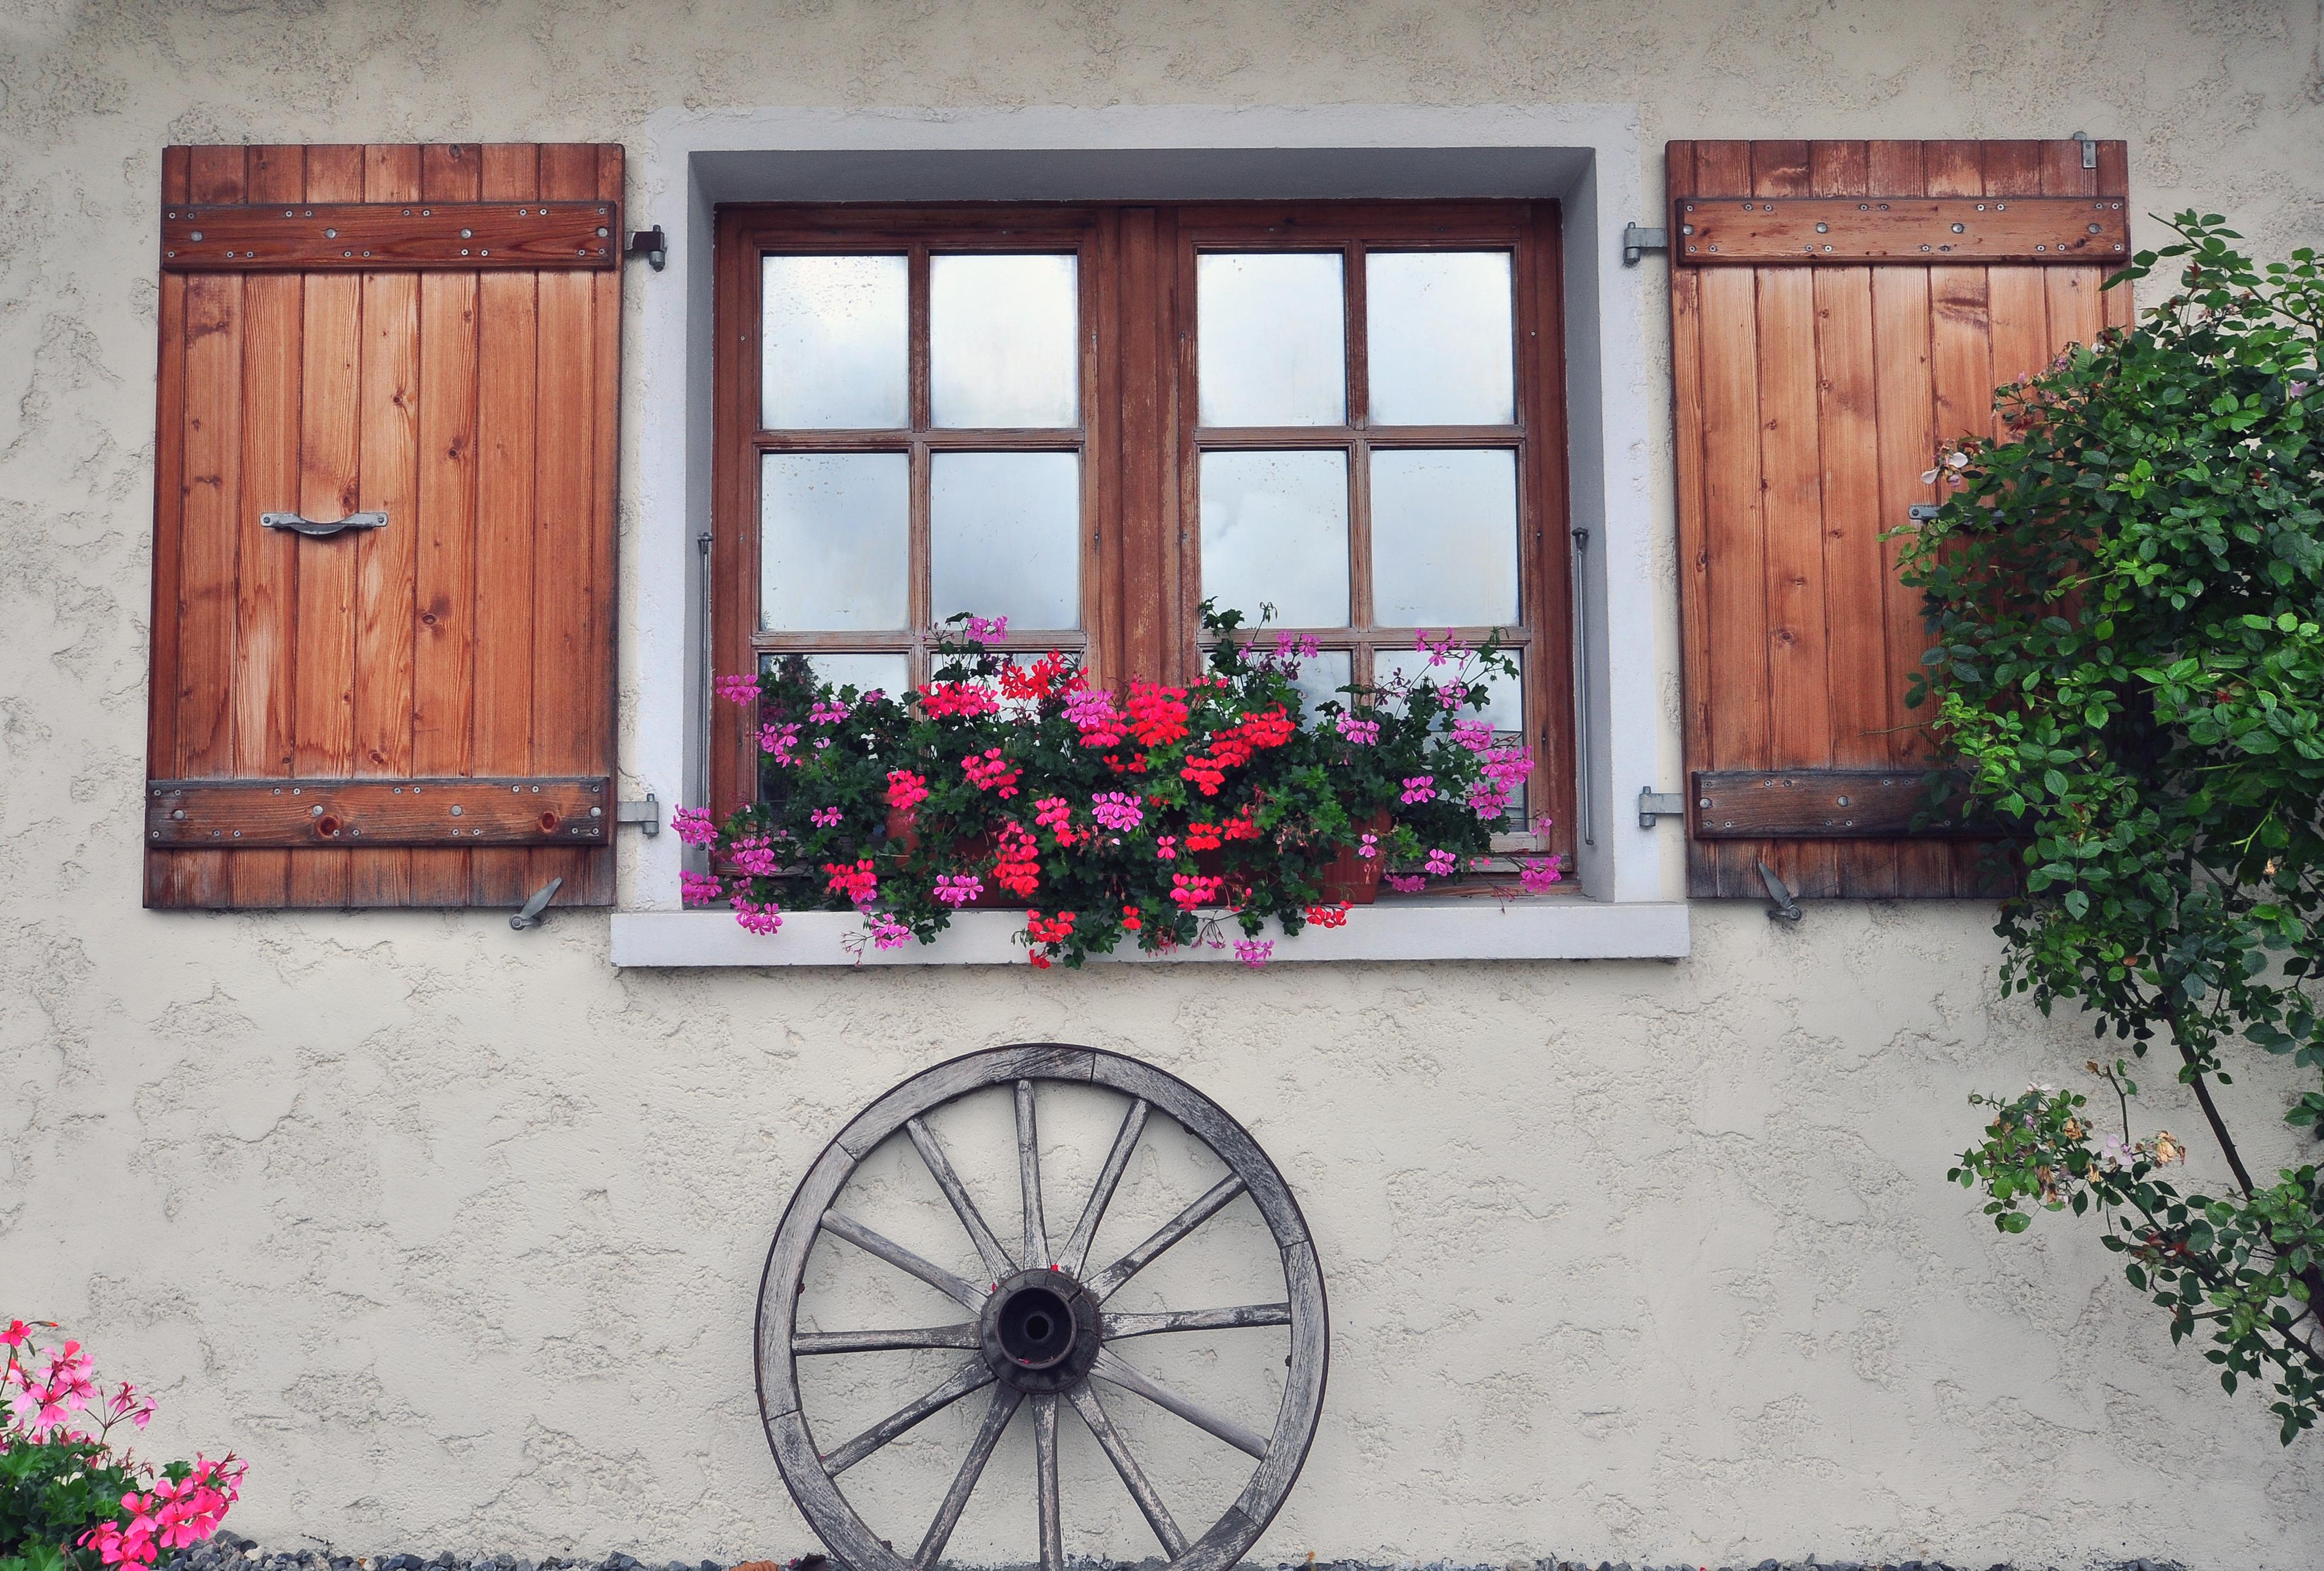 Blumen Landhausstil einrichten im landhausstil so geht s zuhause bei sam